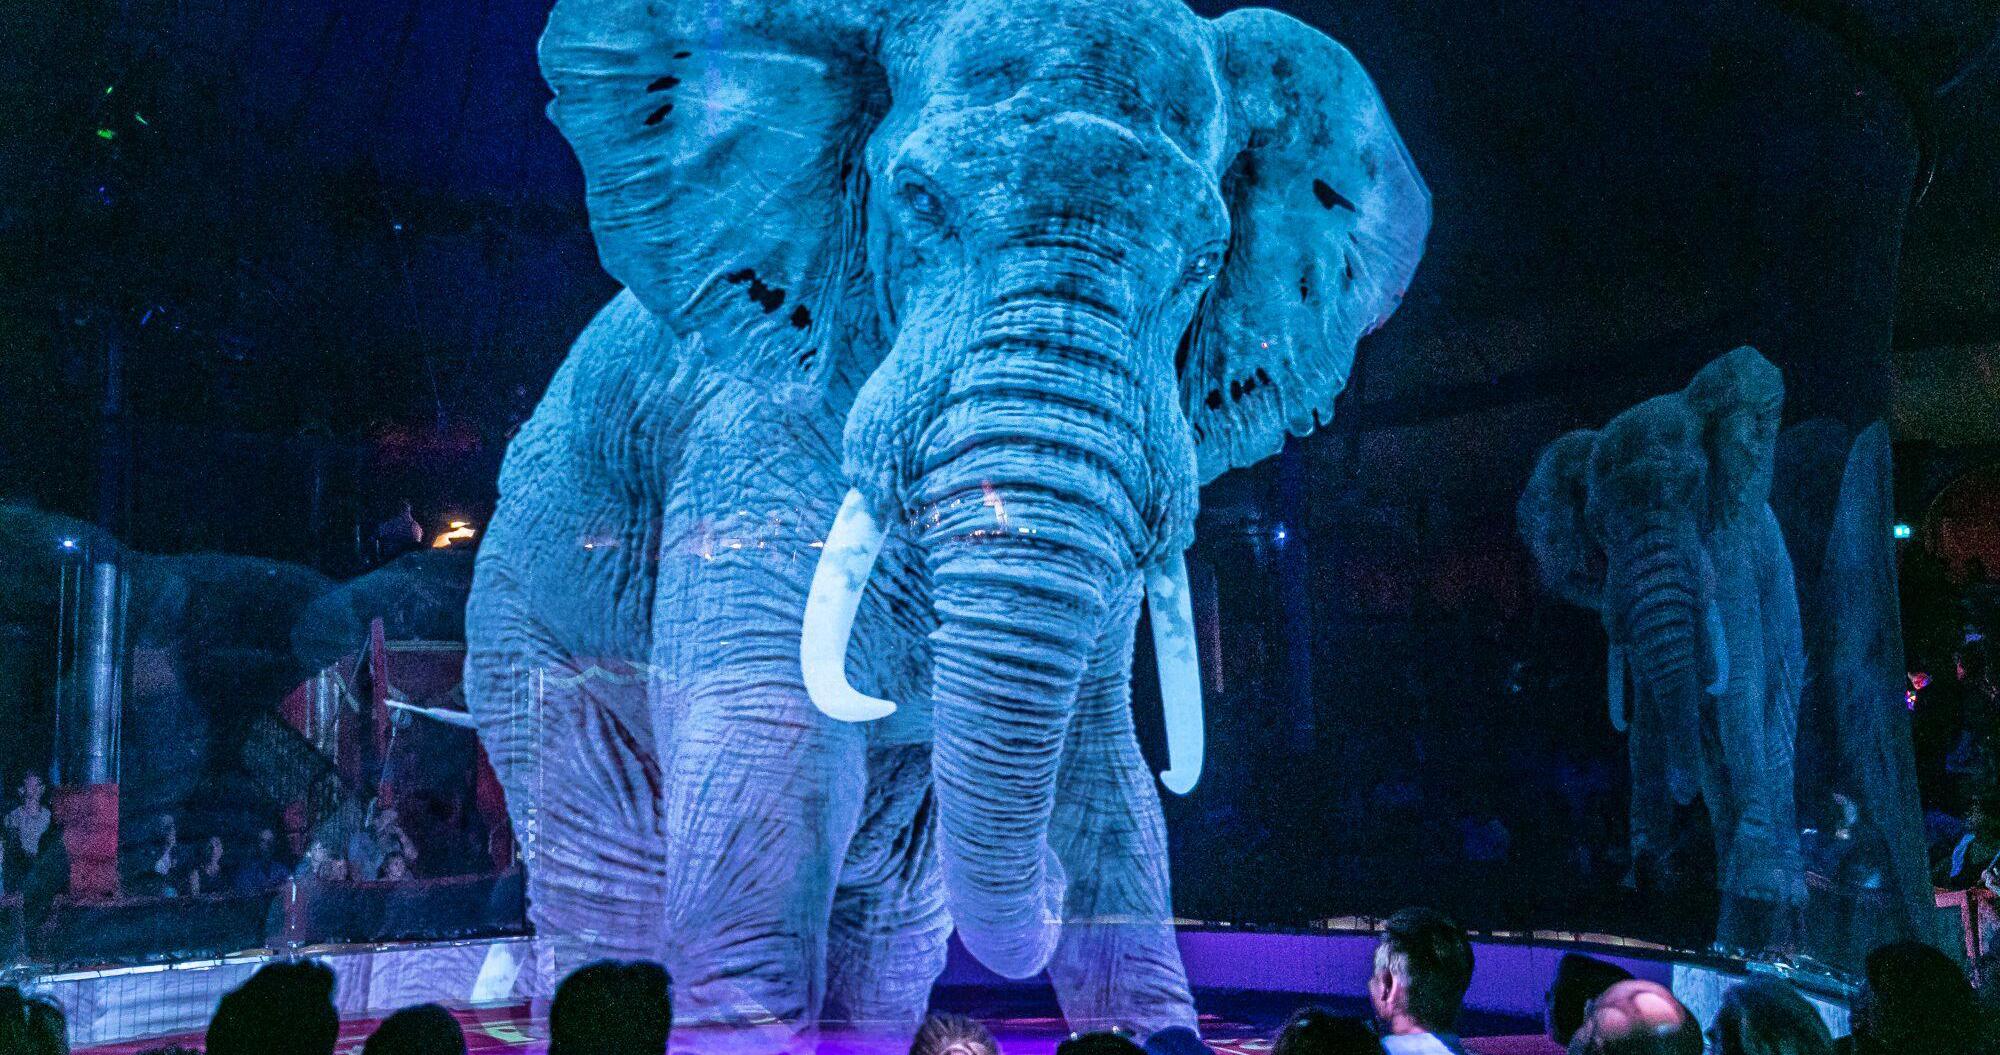 Circo substitui animais por hologramas em 3D